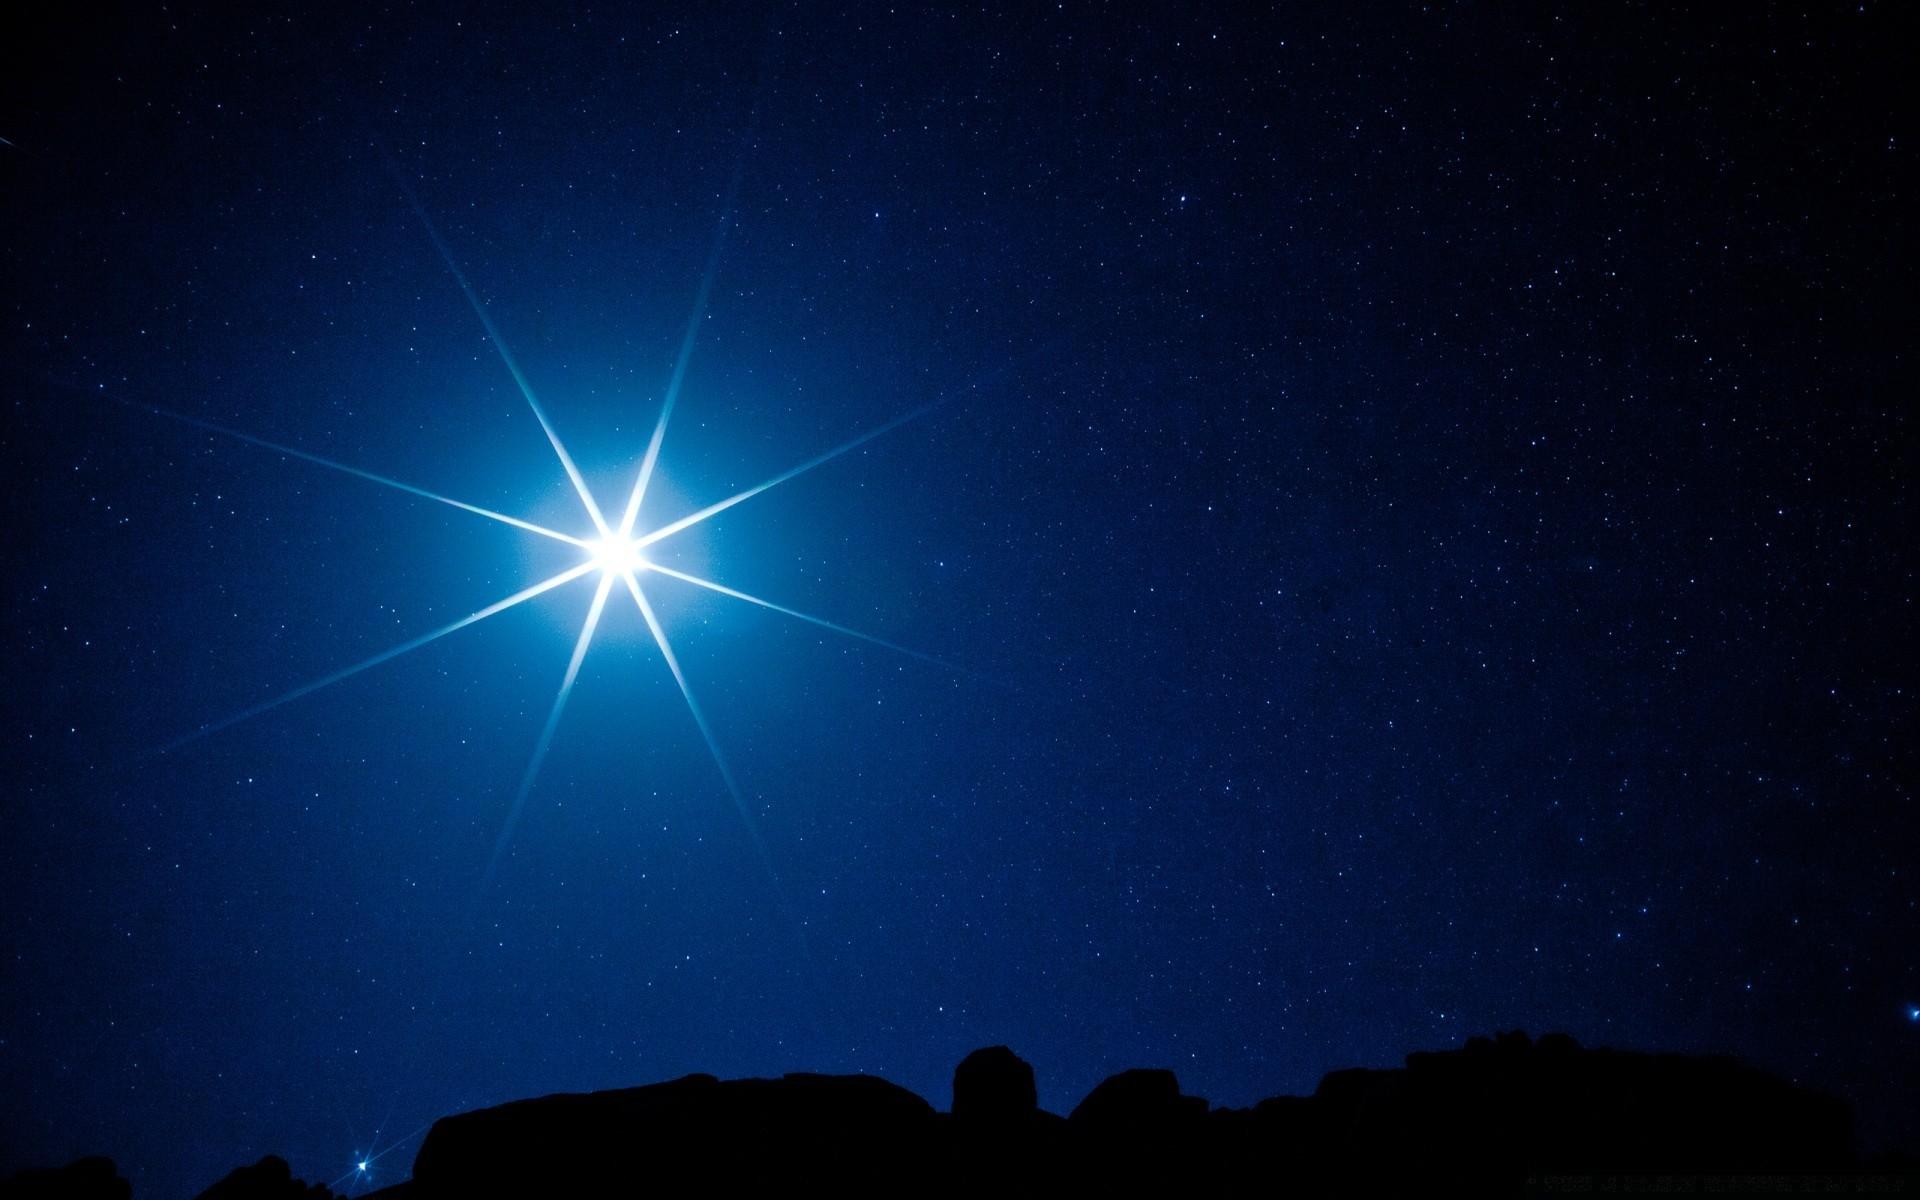 Картинки звезда с неба, курбан-байрам